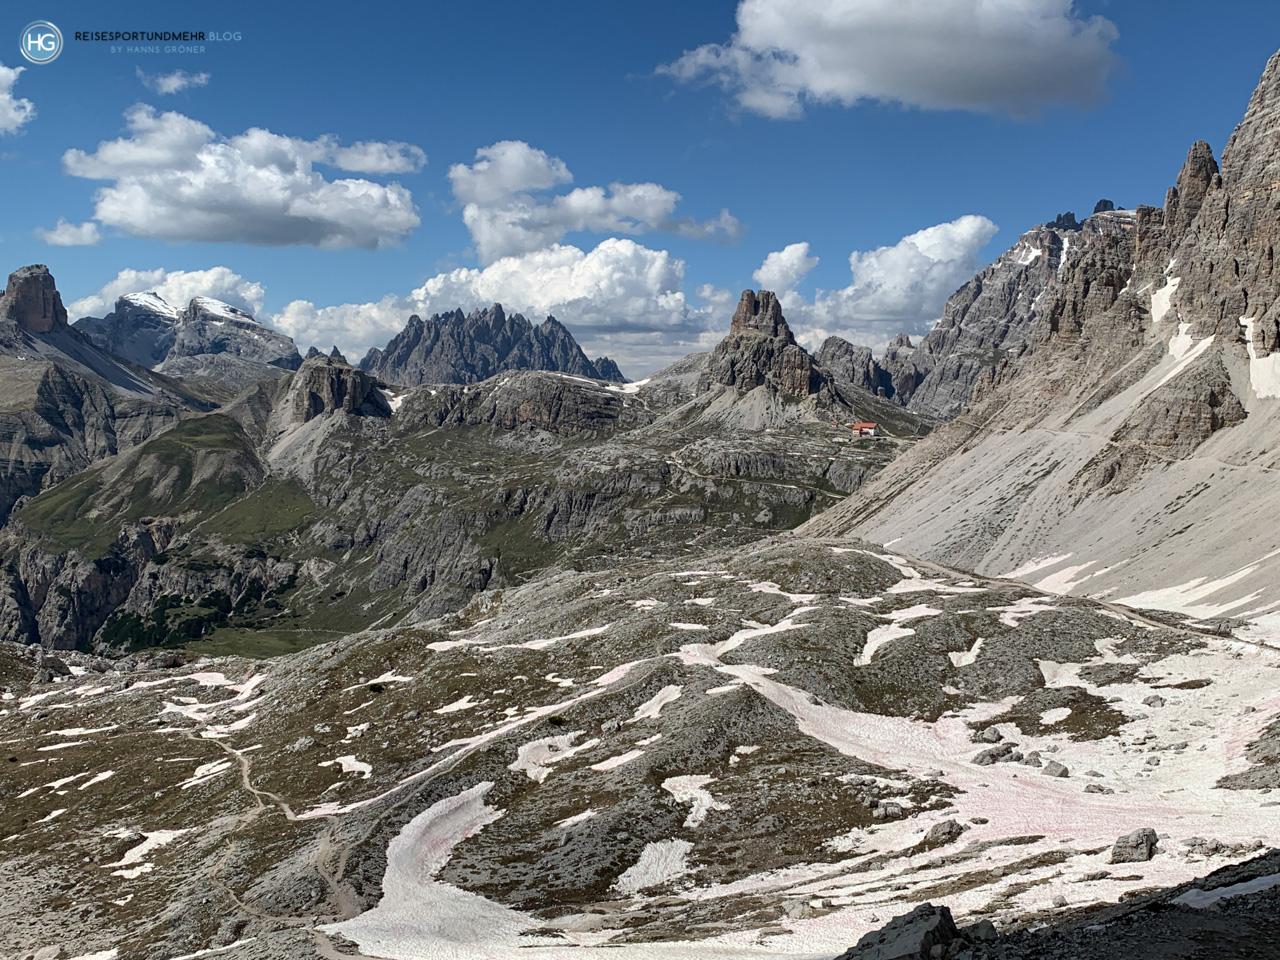 Drei Zinnen 2020 - Blick vom Paternsattel auf das Rifugio Locatelli (Foto: Hanns Gröner)